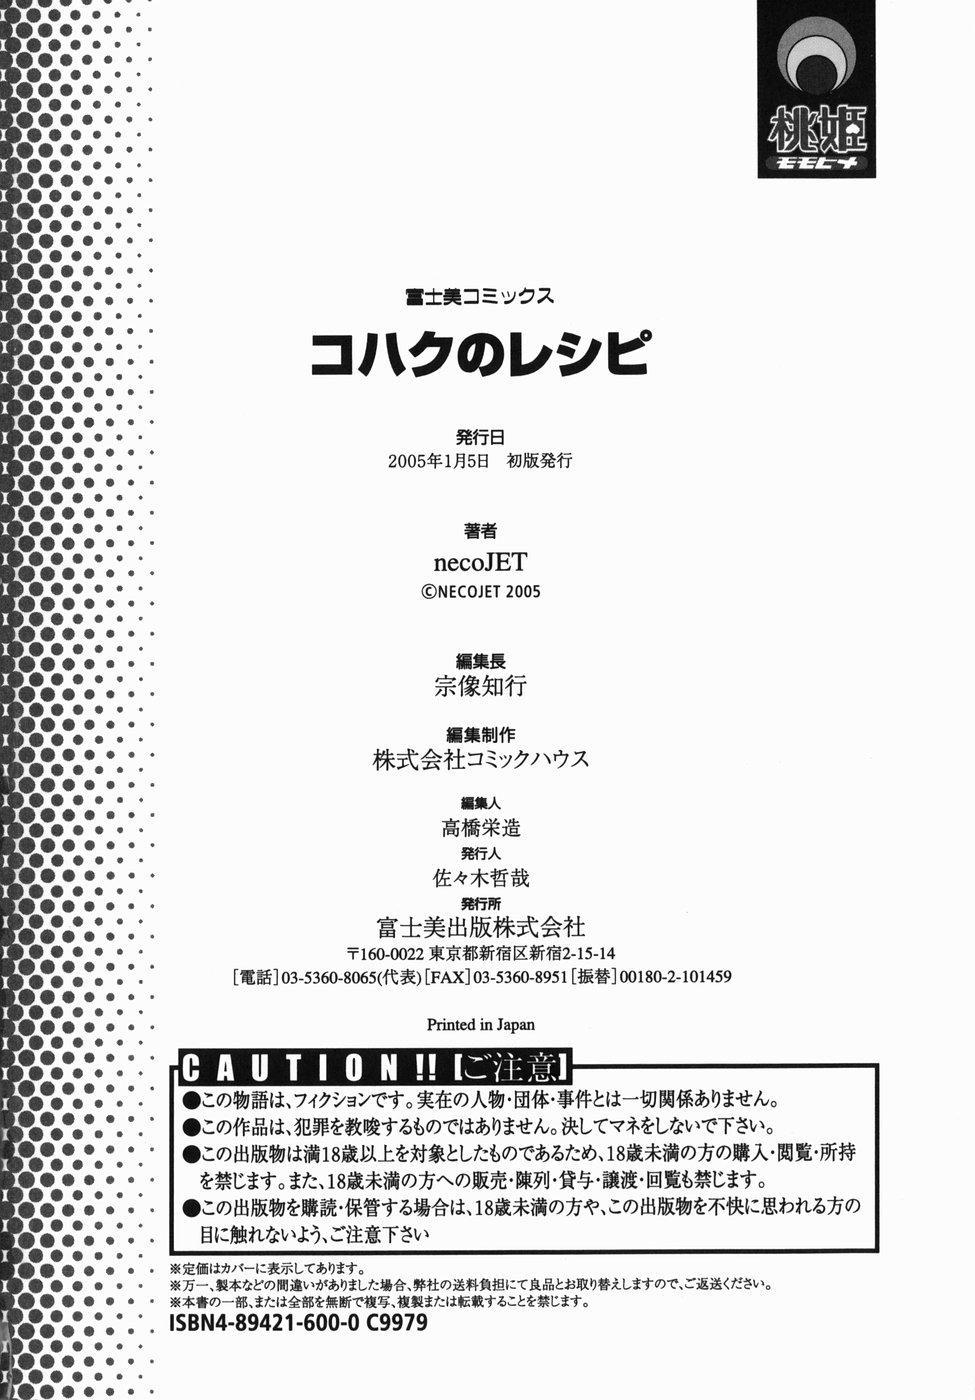 Kohaku No Recipe | Recipe for Kohaku 183